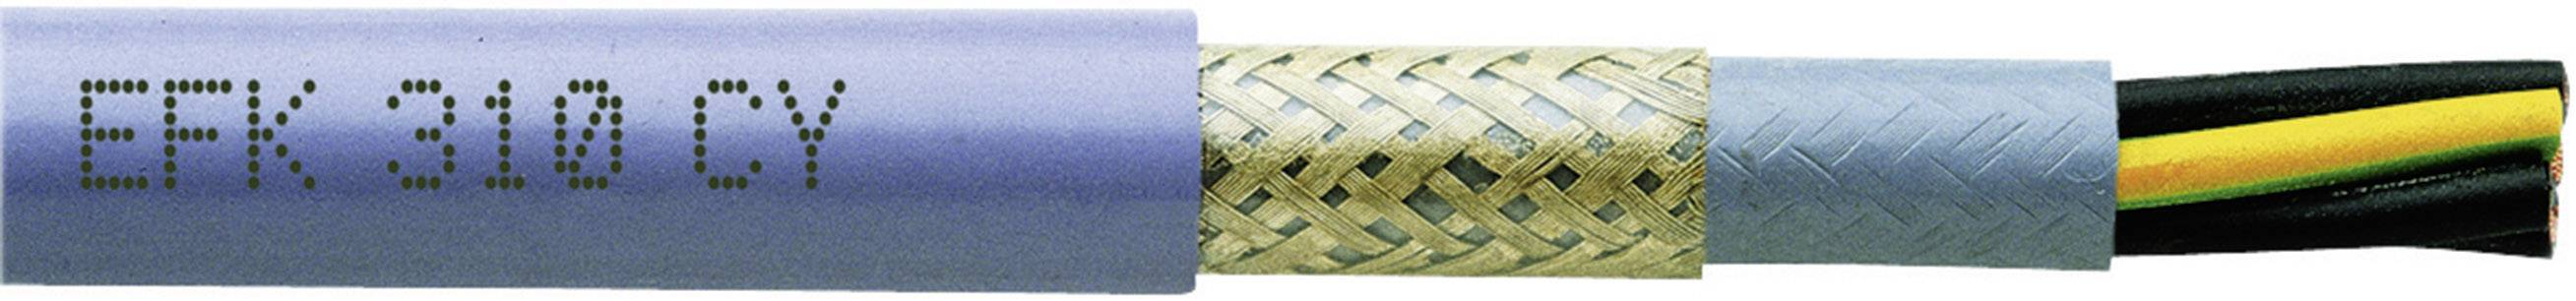 Tažný kabel Faber Kabel EFK 310 CY 310 CUL EFK PVC/PVC/C/PVC (035494), 7x 1 mm², PVC, Ø 12,8 mm, stíněný, 1 m,